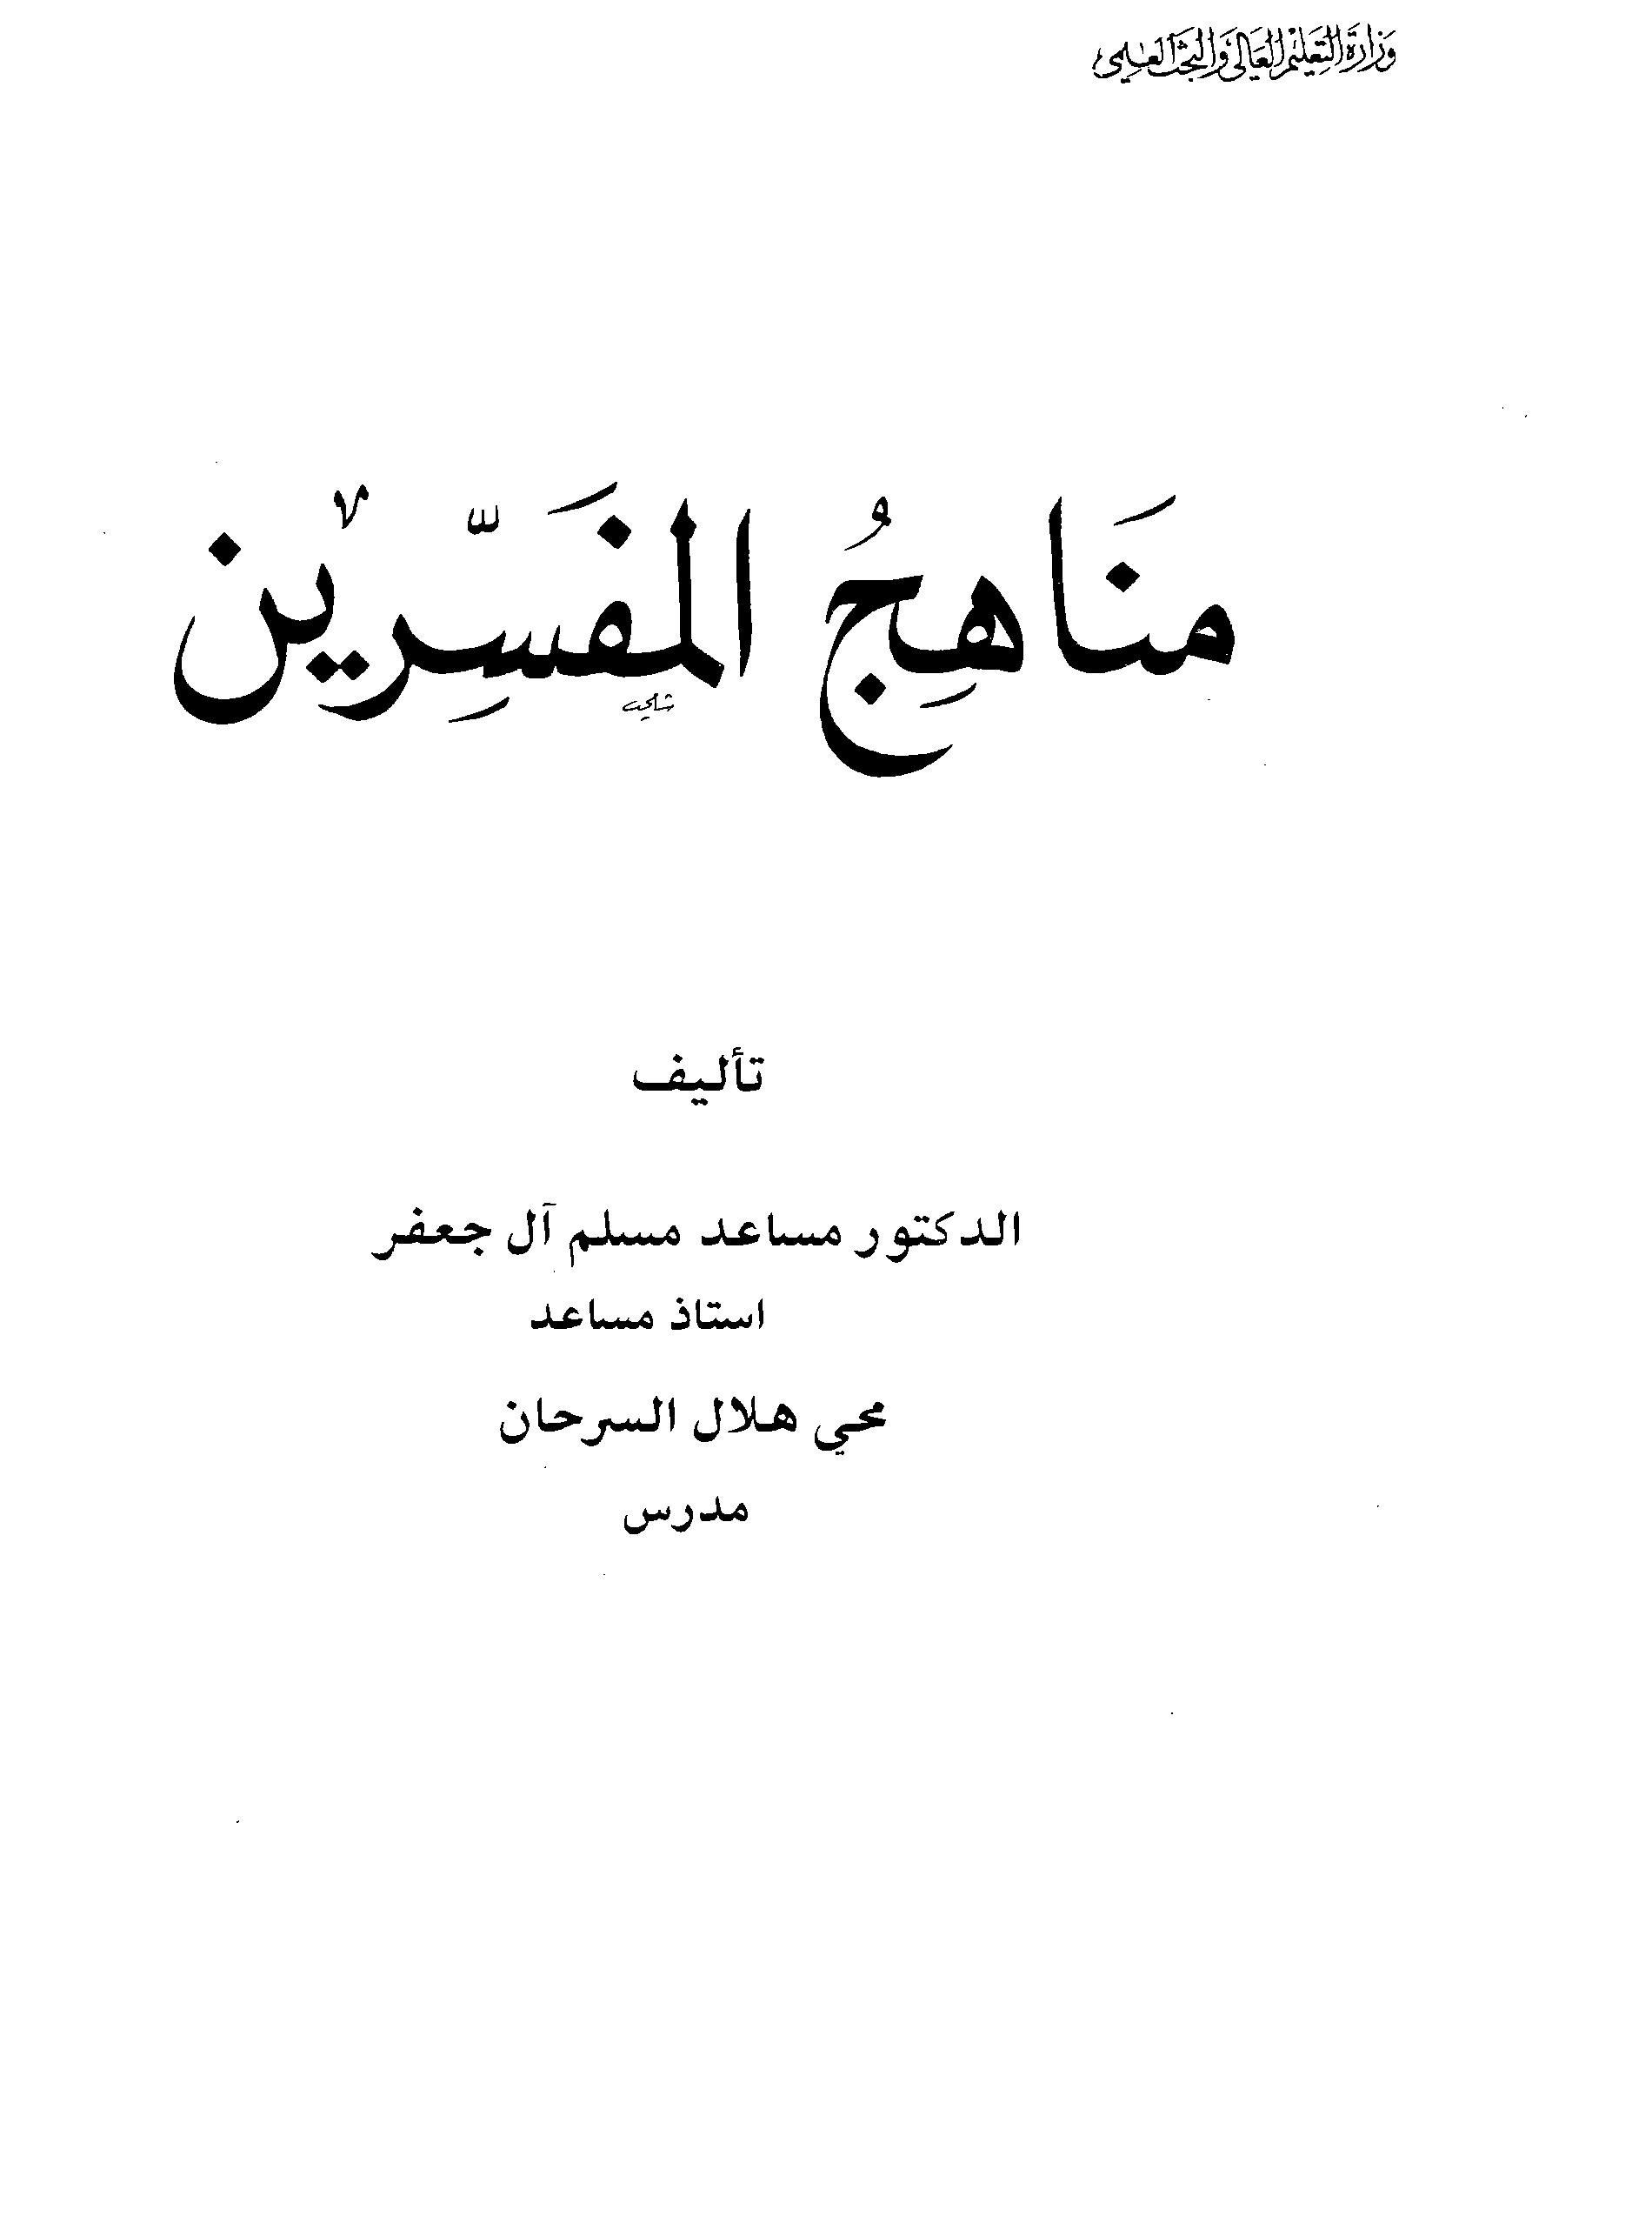 تحميل كتاب مناهج المفسرين (آل جعفر - السرحان) لـِ: الدكتور مساعد مسلم عبد الله آل جعفر